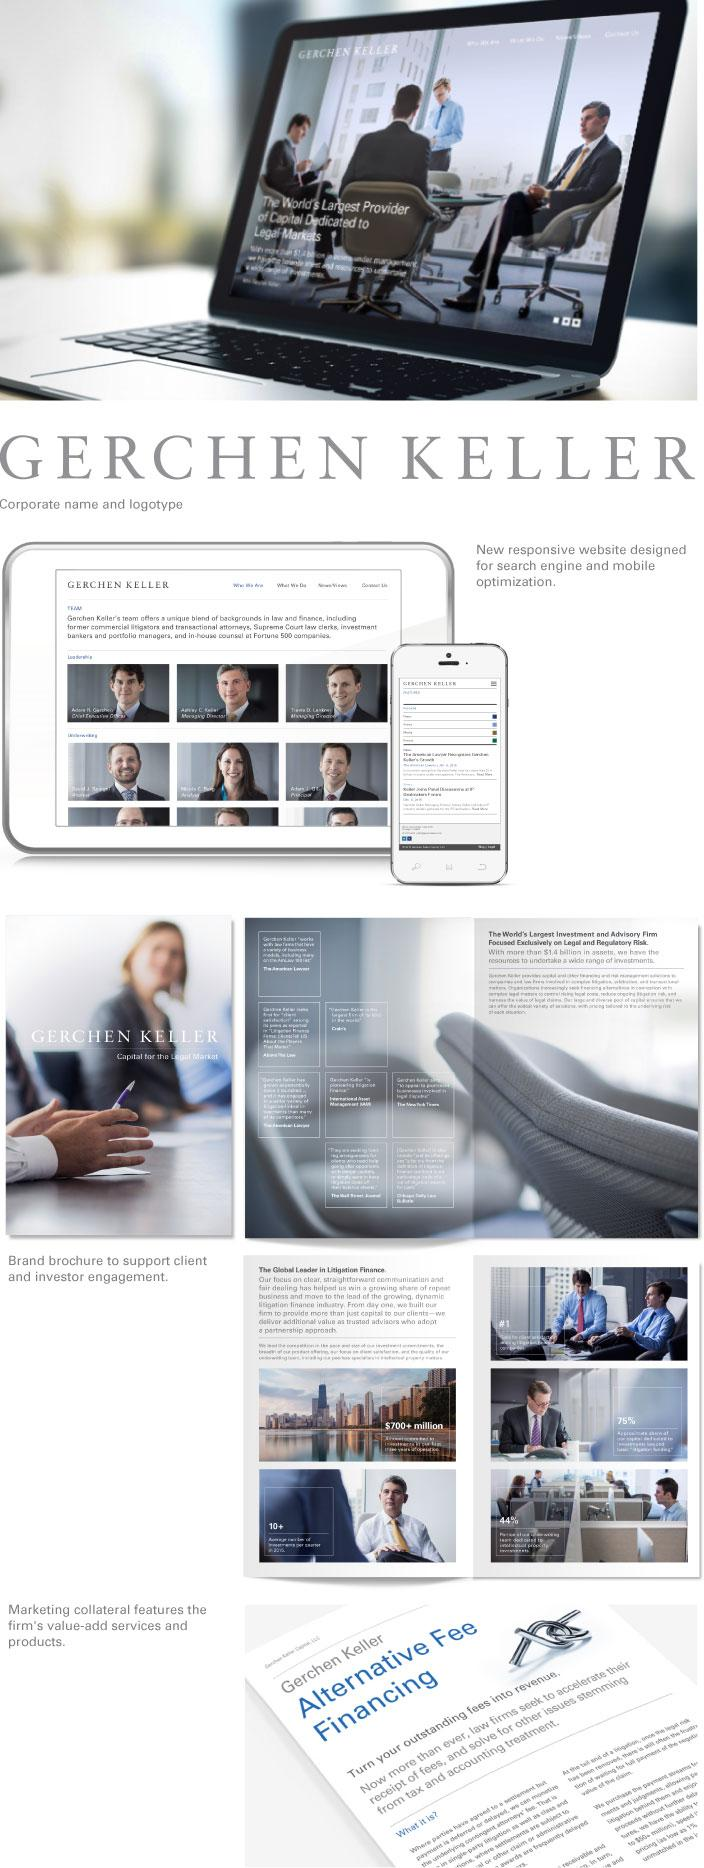 GCI Launches Gerchen Keller Capital Brand